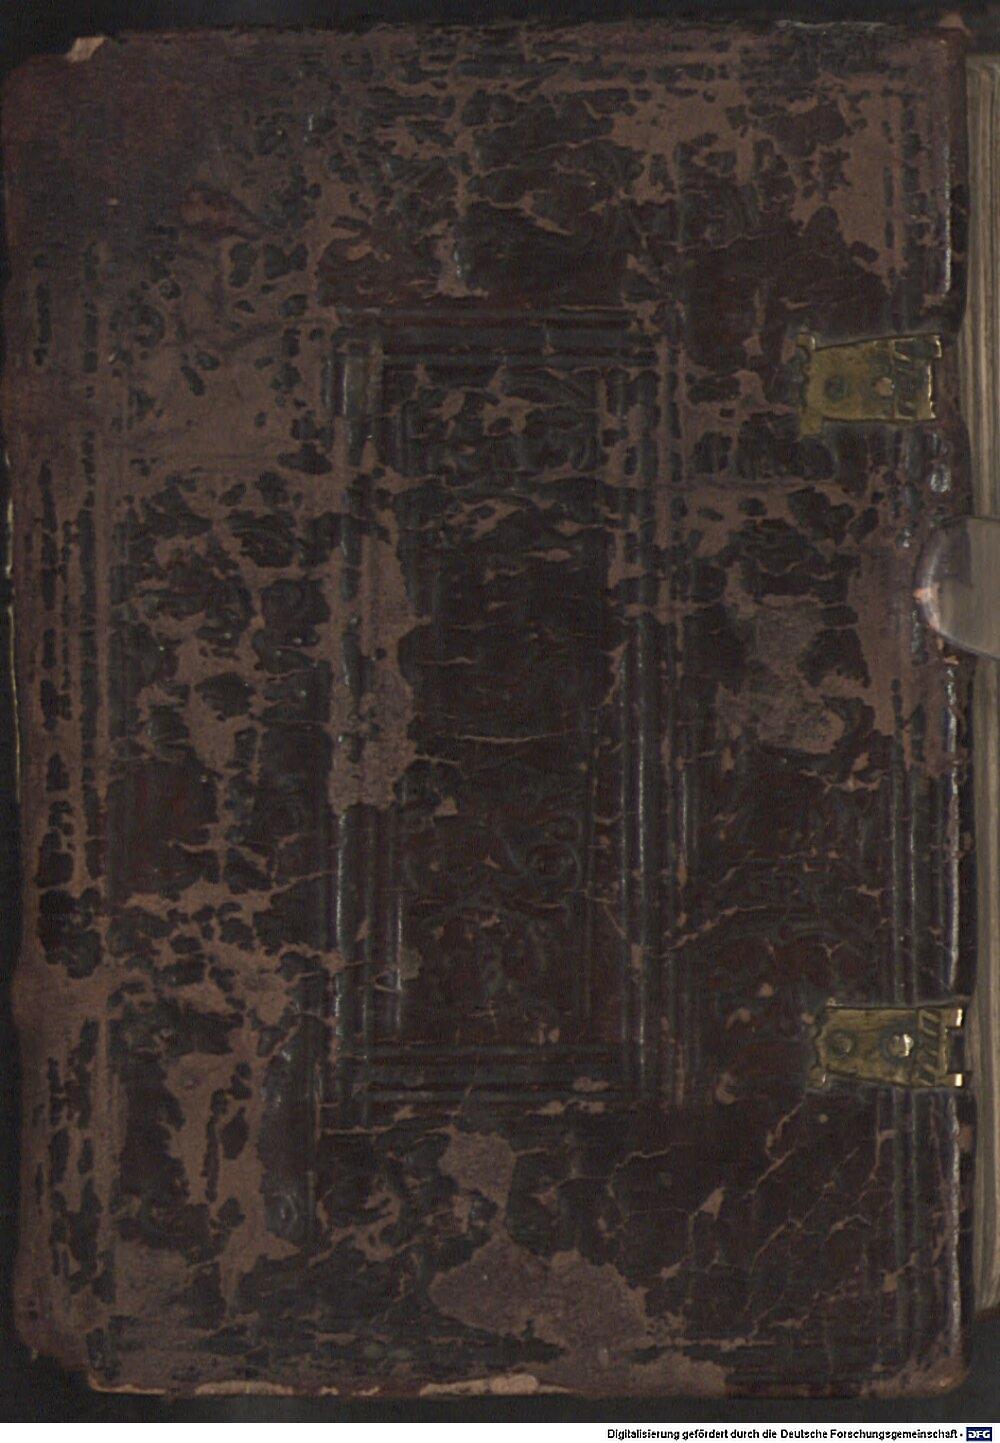 bsb00020054_00001.jpg